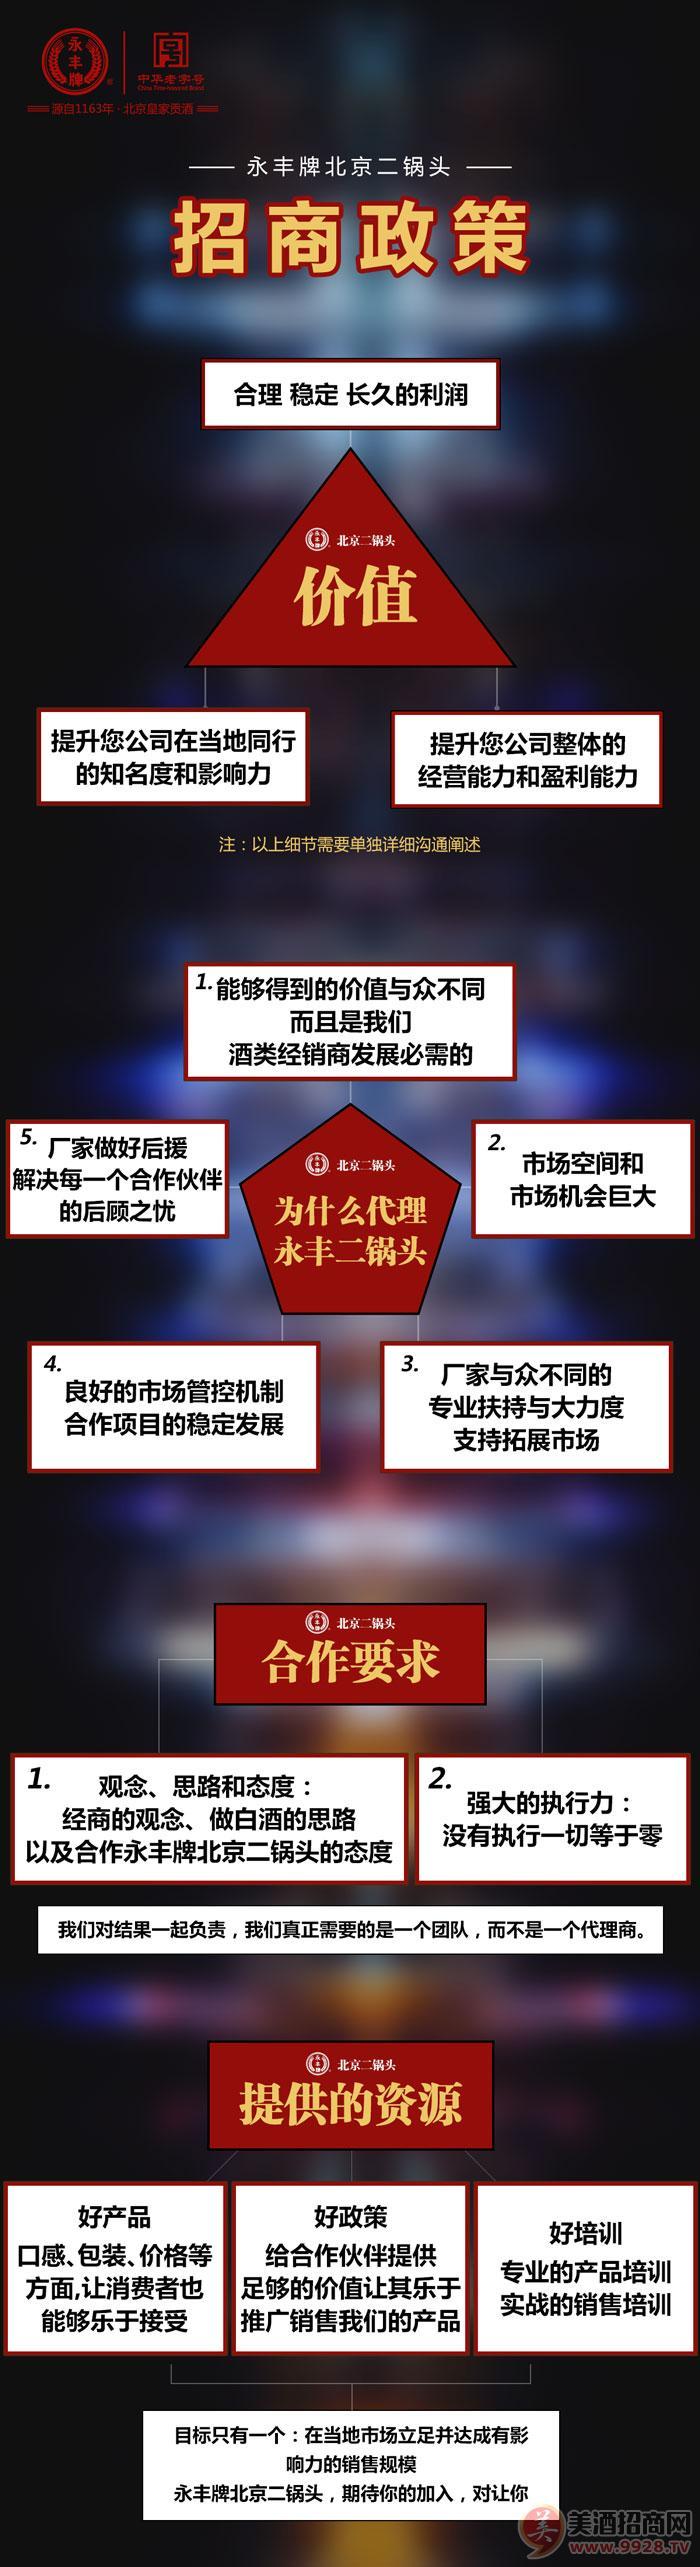 永丰牌北京二锅头政策